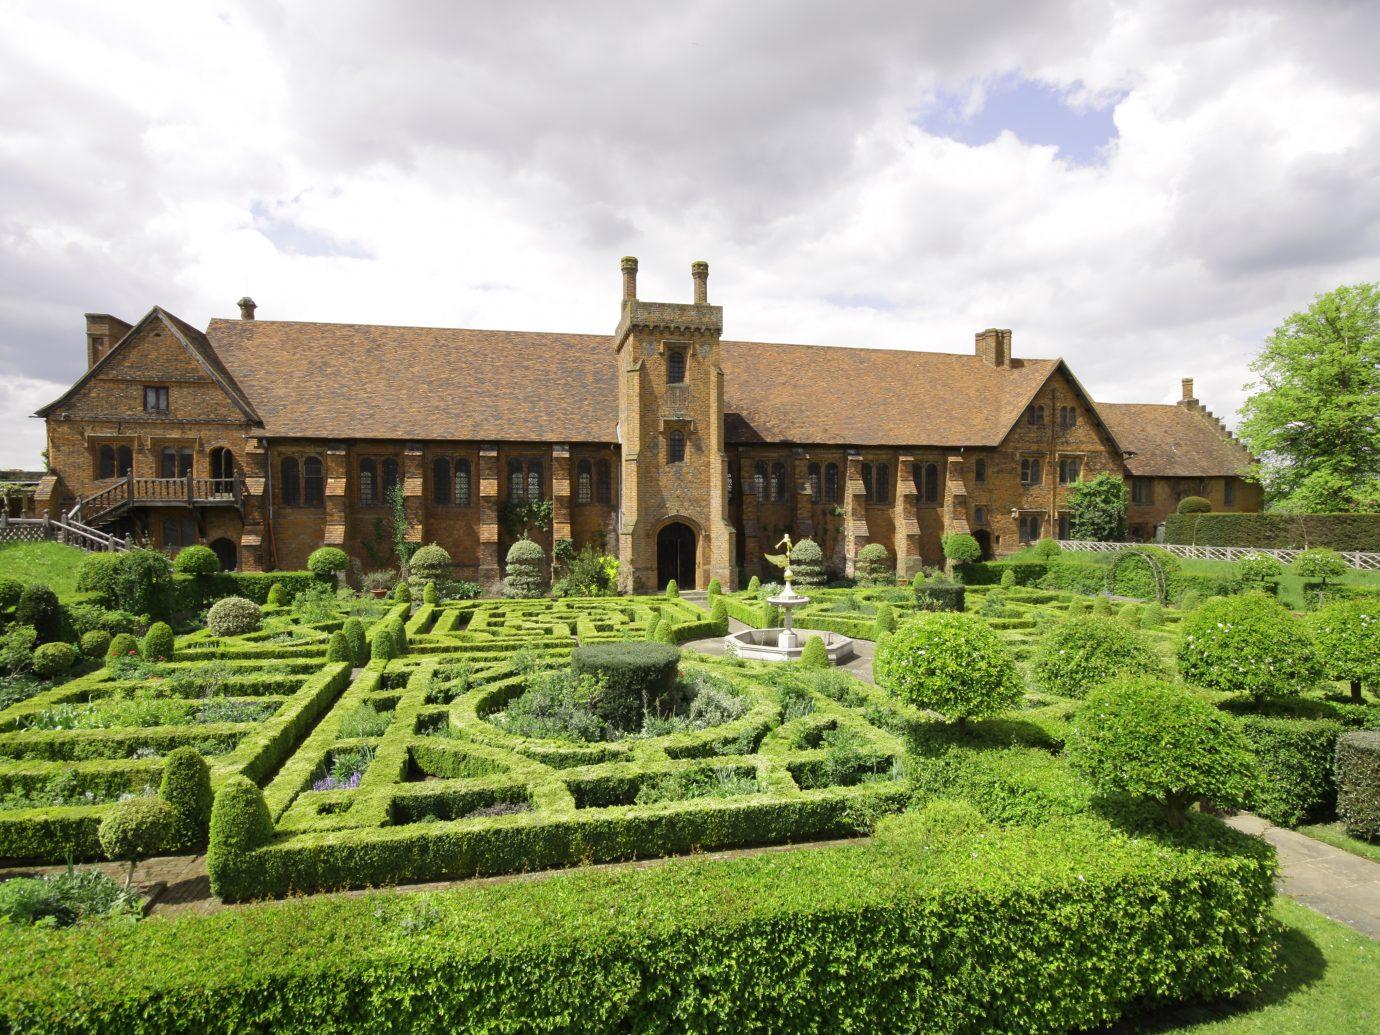 Hatfield Old Palace, Hertfordshire, UK